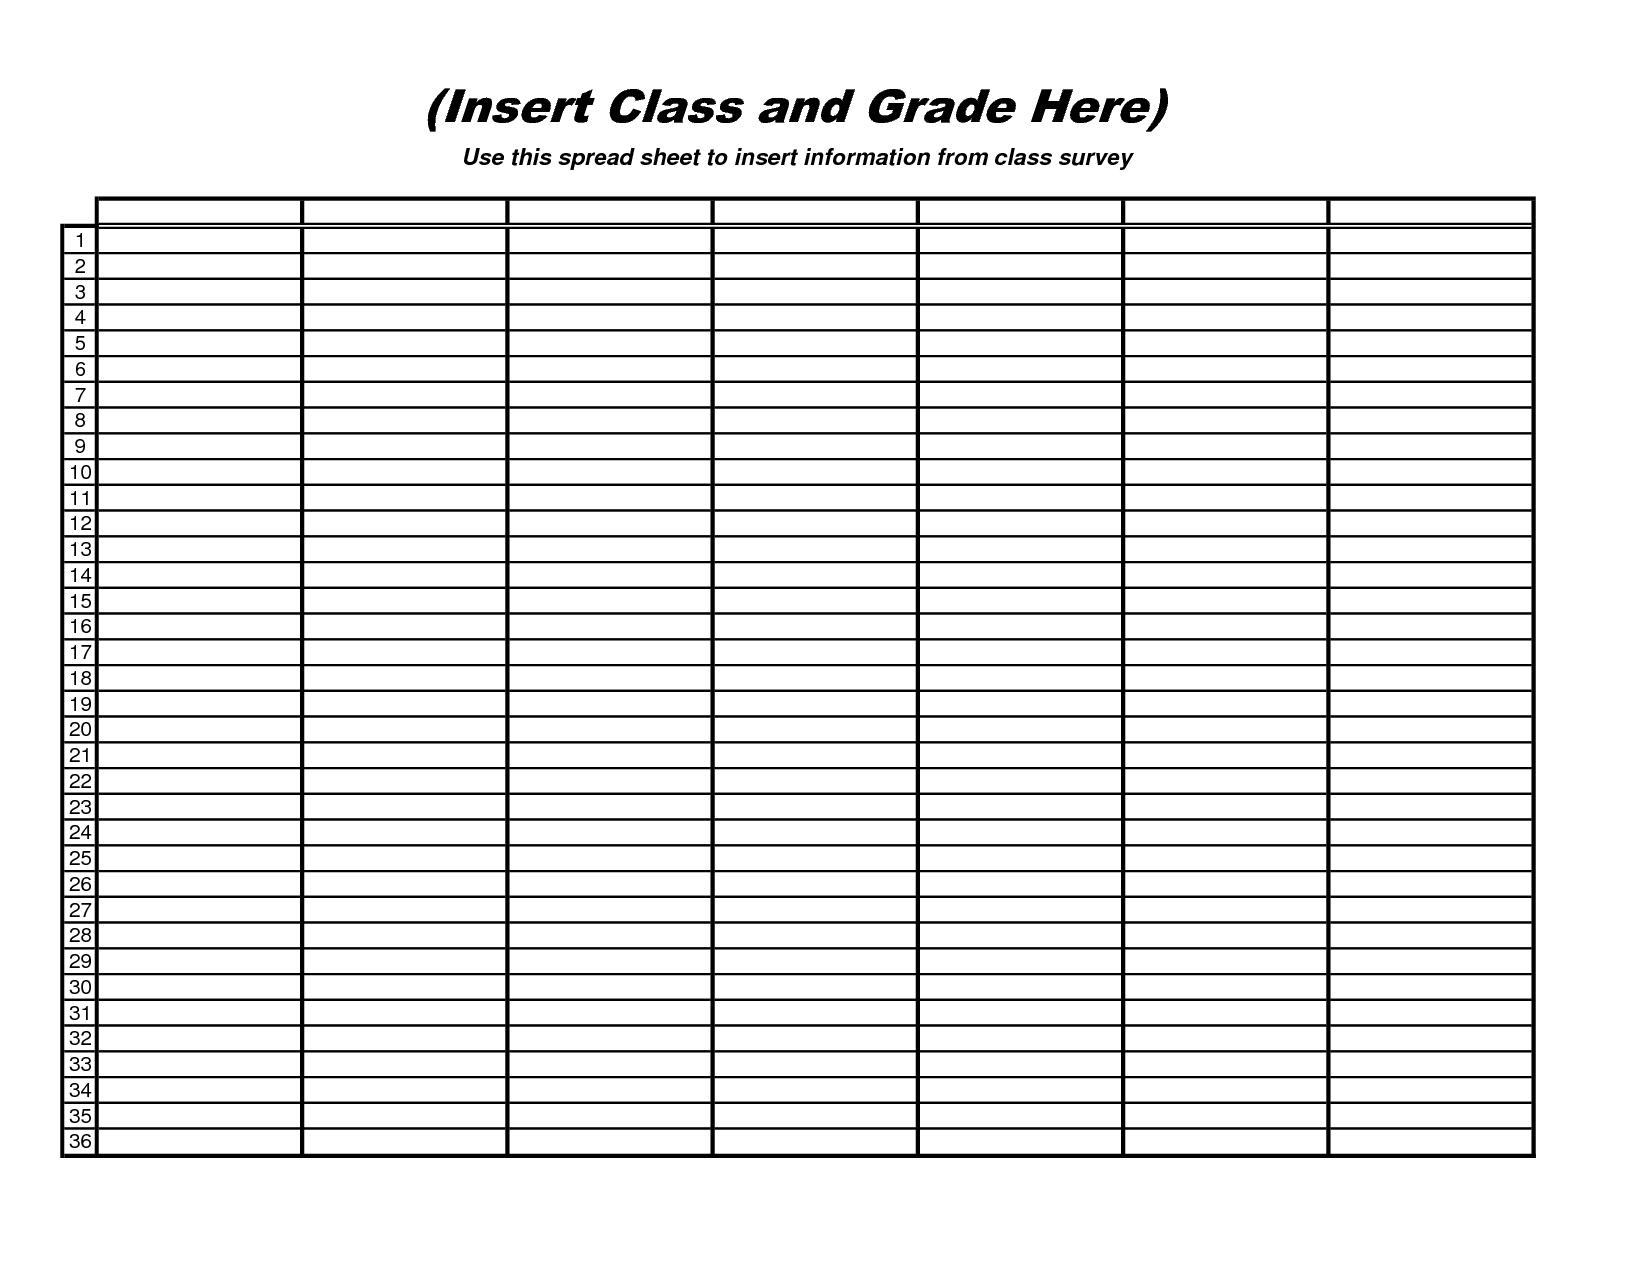 Free Blank Spreadsheet Downloads 1 Data Spreadsheet Template Data Spreadsheet Spreadsheet